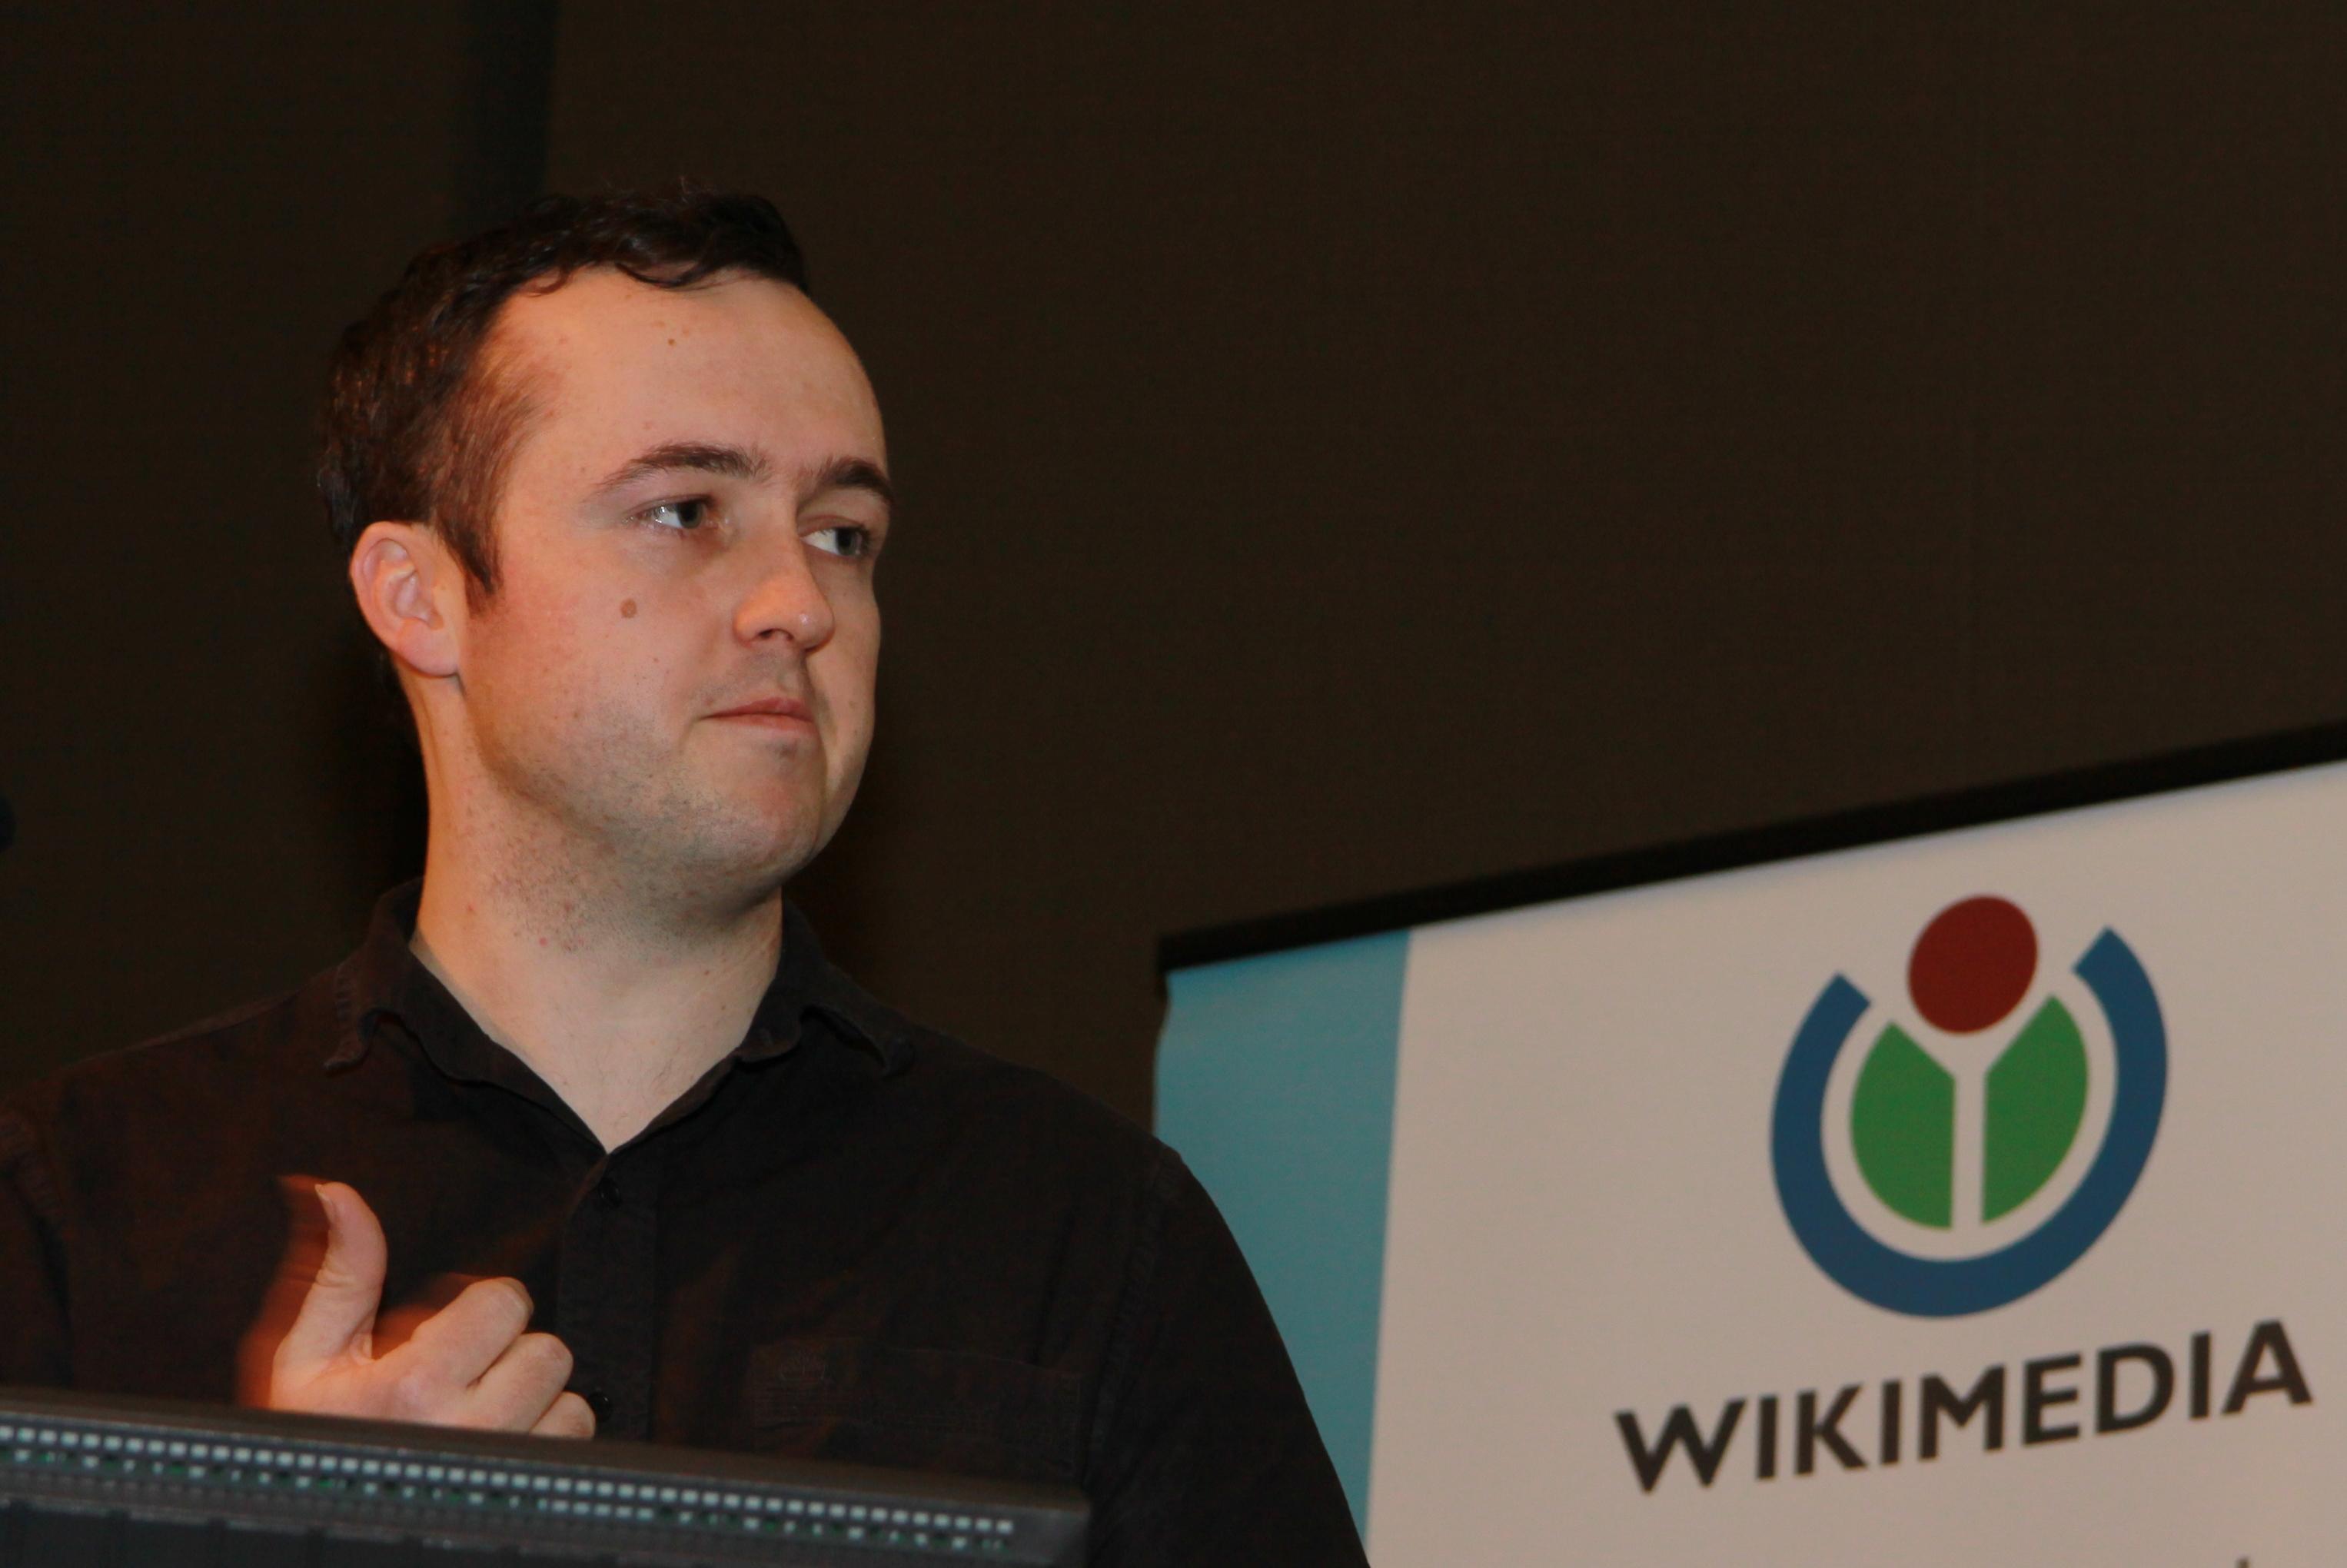 Éducation et projets Wikimédia 14 & 15 décembre